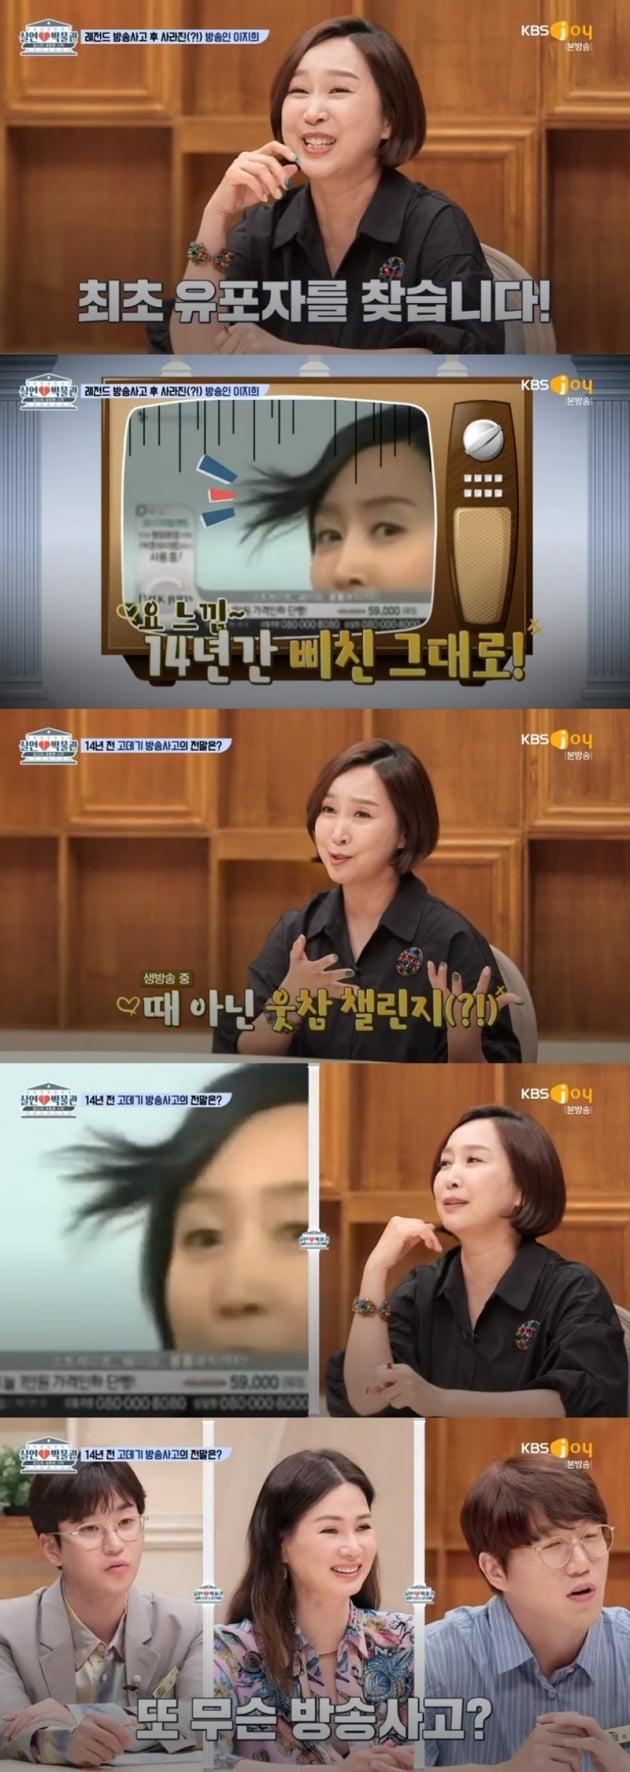 '실연박물관' / 사진 = KBS Joy 영상 캡처